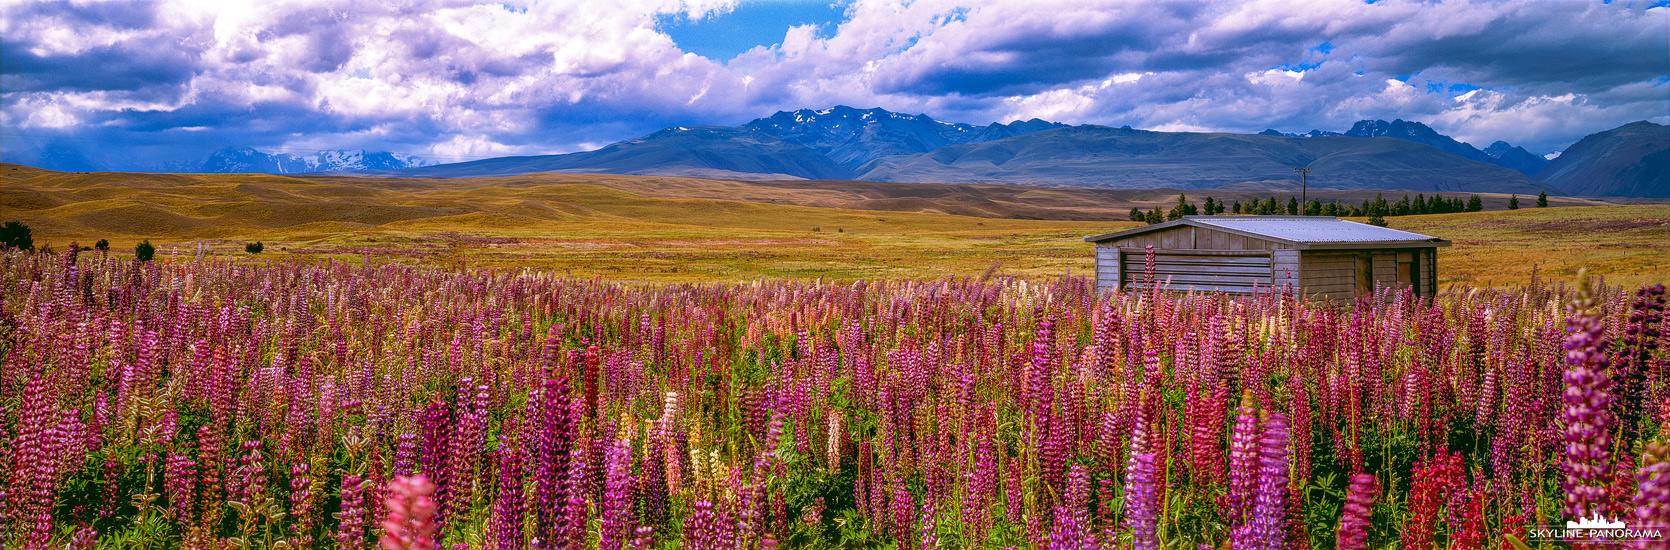 Neuseeland Panorama - Die Landschaft auf der neuseeländischen Südinsel am Lake Tekapo ist im Frühjahr oft von blühenden Lupinen gesäumt.